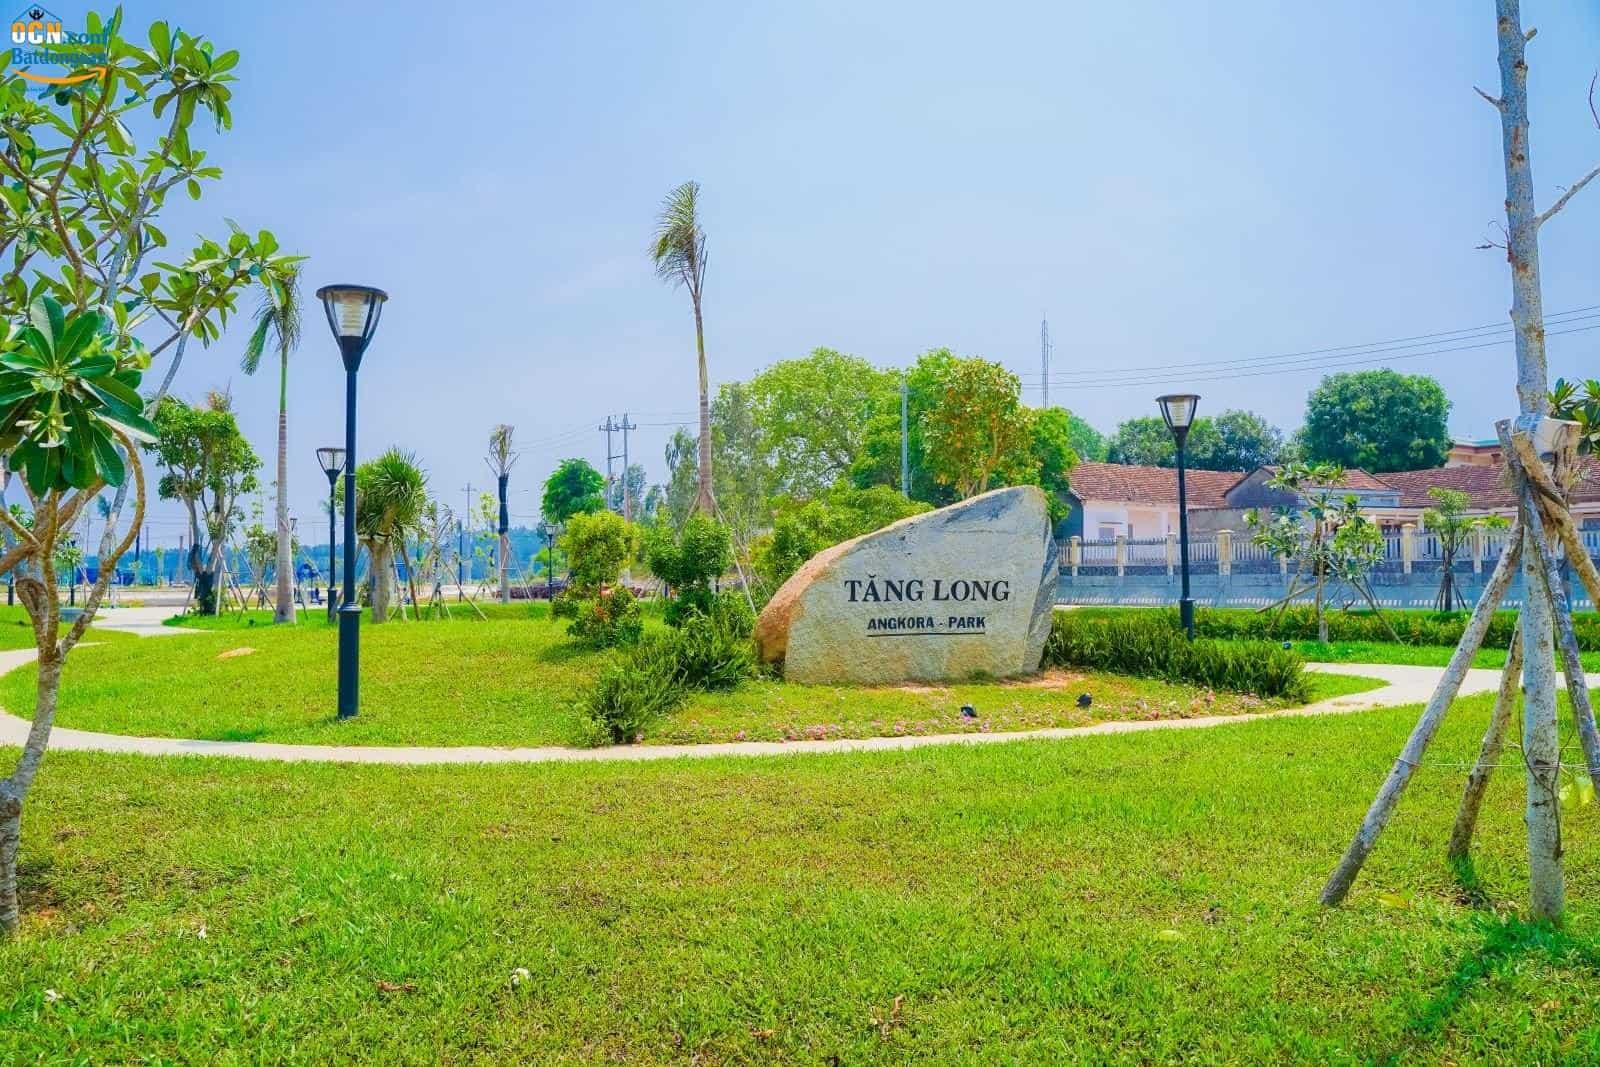 Chính chủ Nợ ngân hàng cần bán lỗ vốn lô đất dự án Tăng Long Angkora